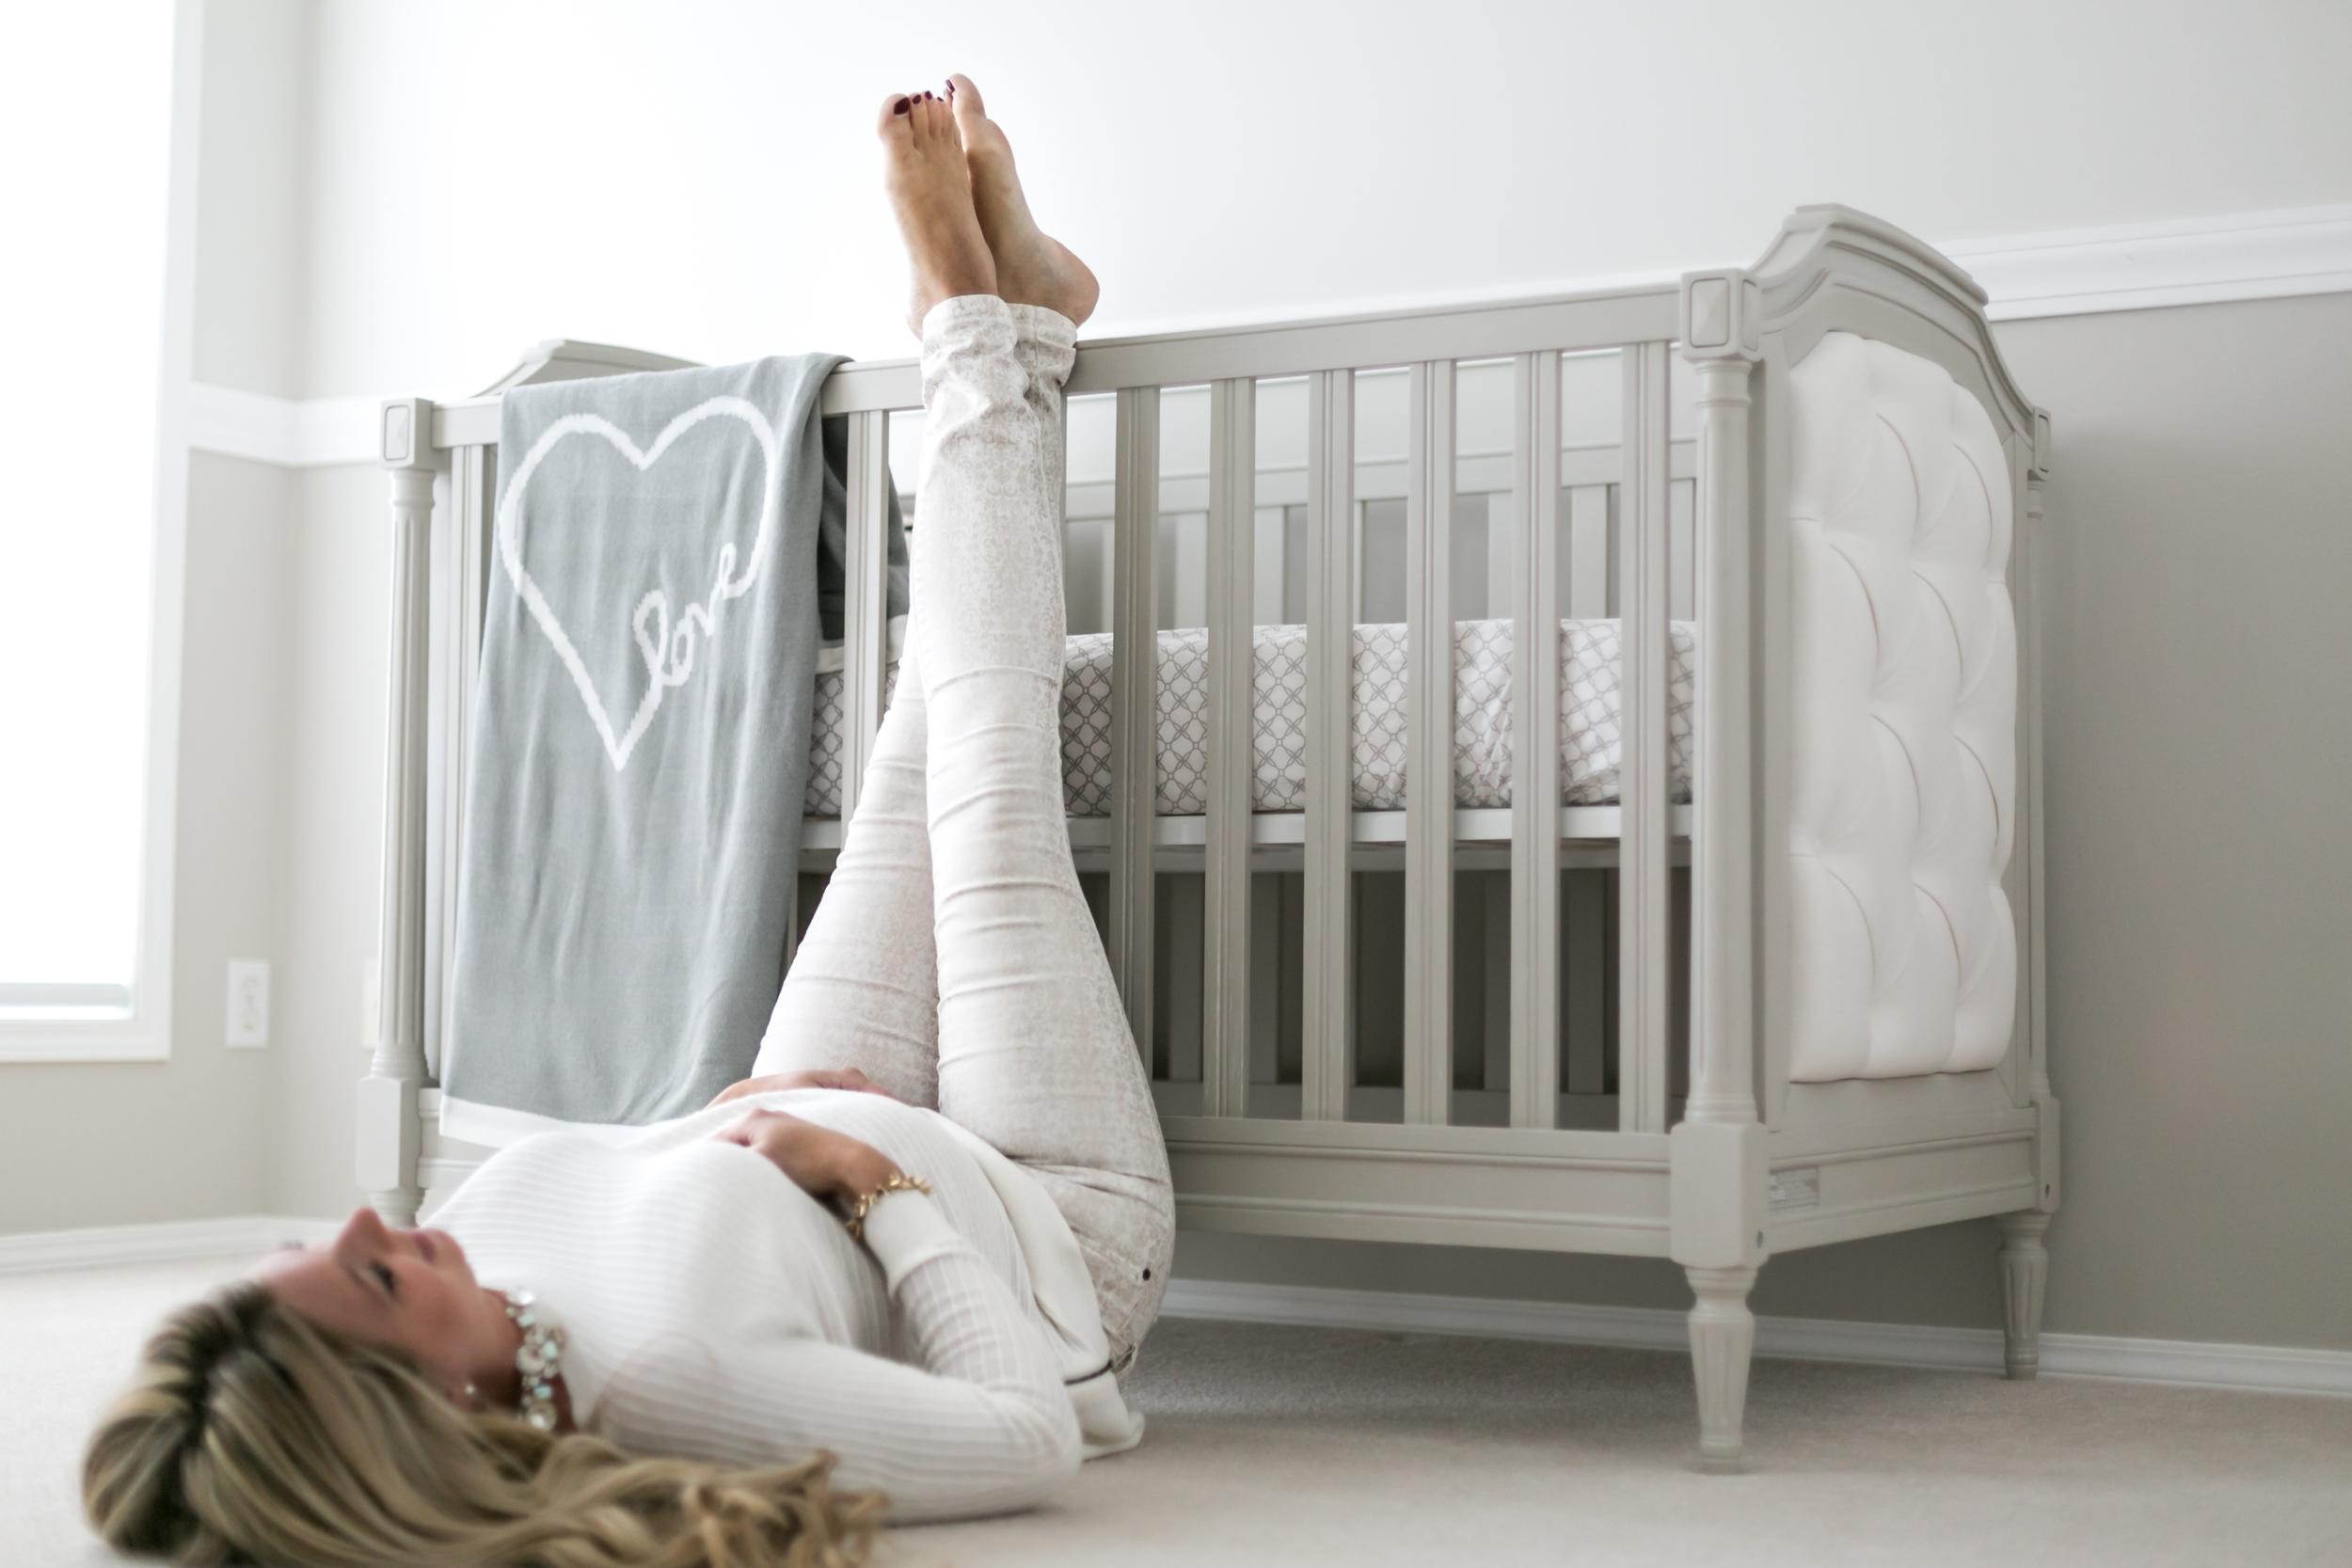 Midnightea_Jen+Dustin_Maternity-70.jpg